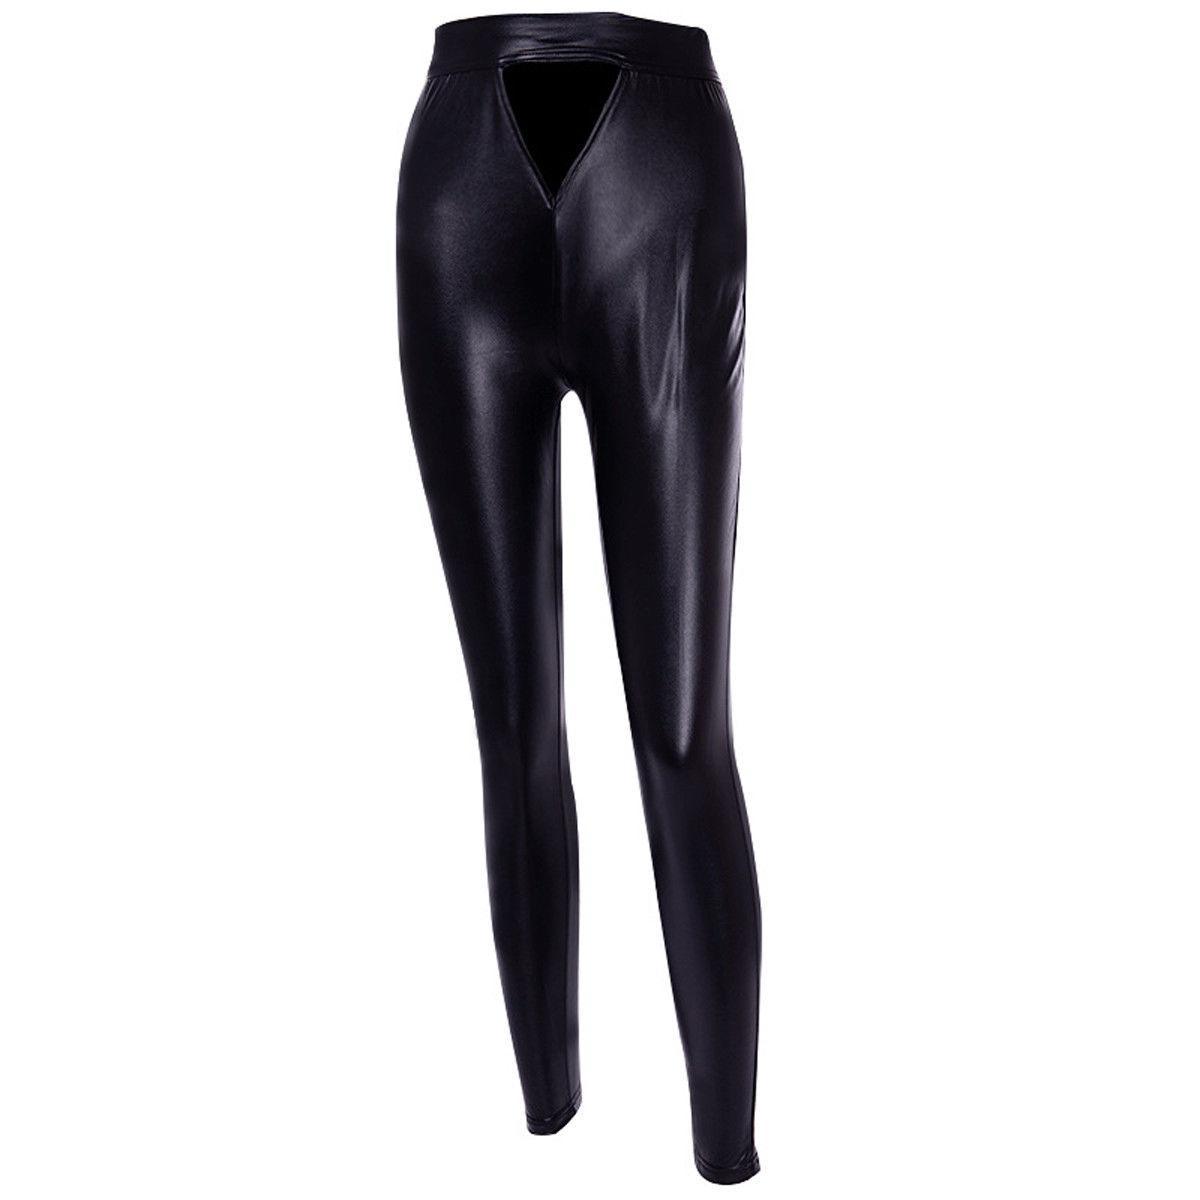 Moda nero cool sexy femmina sottile solido caldo Ferro di Cavallo donne di cuoio lucido elasticizzato a vita alta Skinny PU sottili delle ghette pantaloni stretti